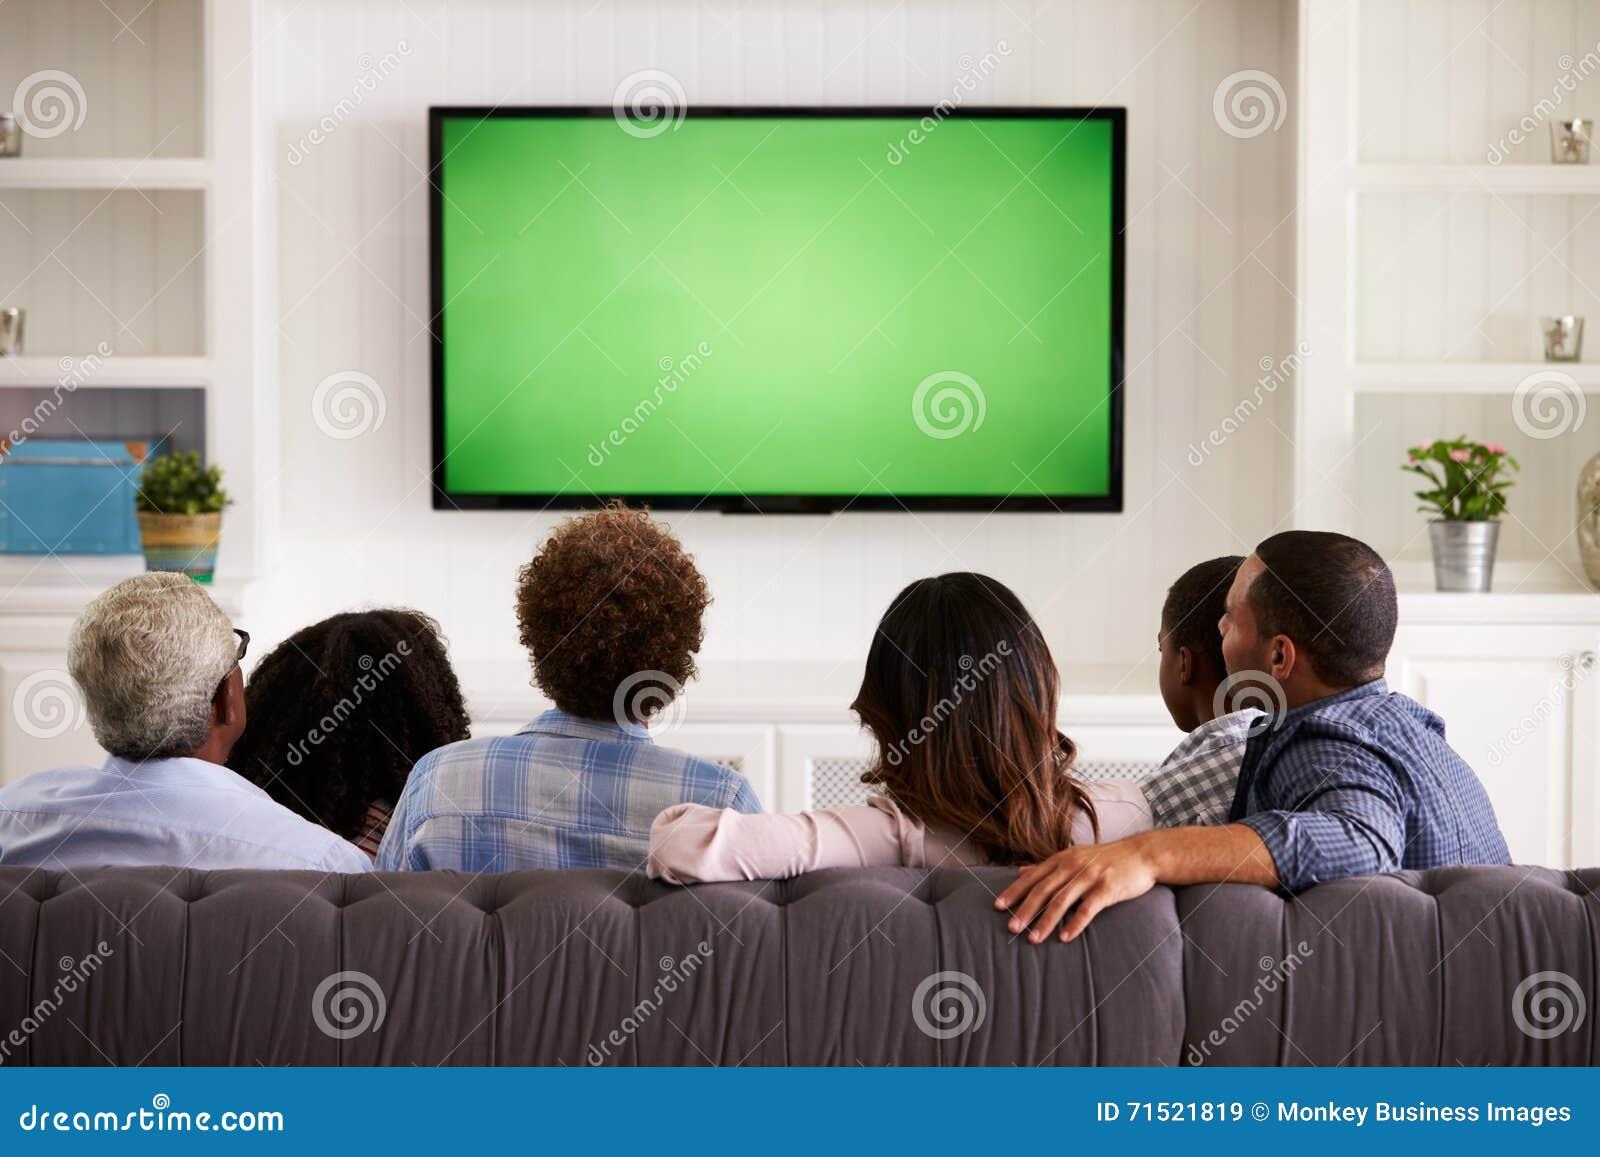 Famille Multi De Generation Regardant La Tv A La Maison Vue Arriere